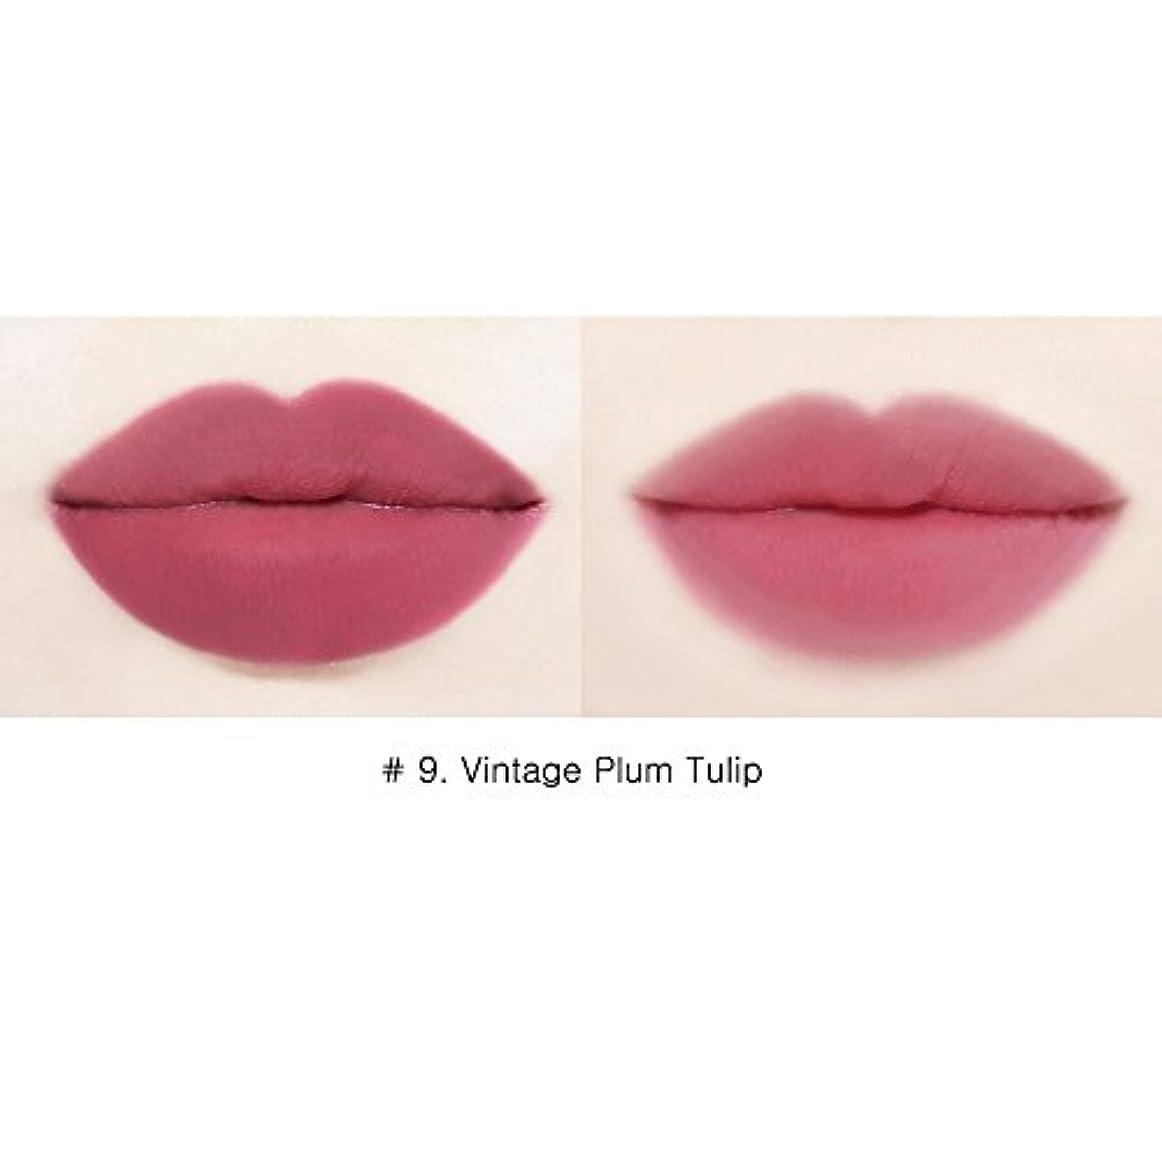 豊富な挽く環境イニスフリービビッドコットンインクティント4g Innisfree Vivid Cotton Ink Tint 4g [海外直送品][並行輸入品] (#9. Vintage Plum Tulips)